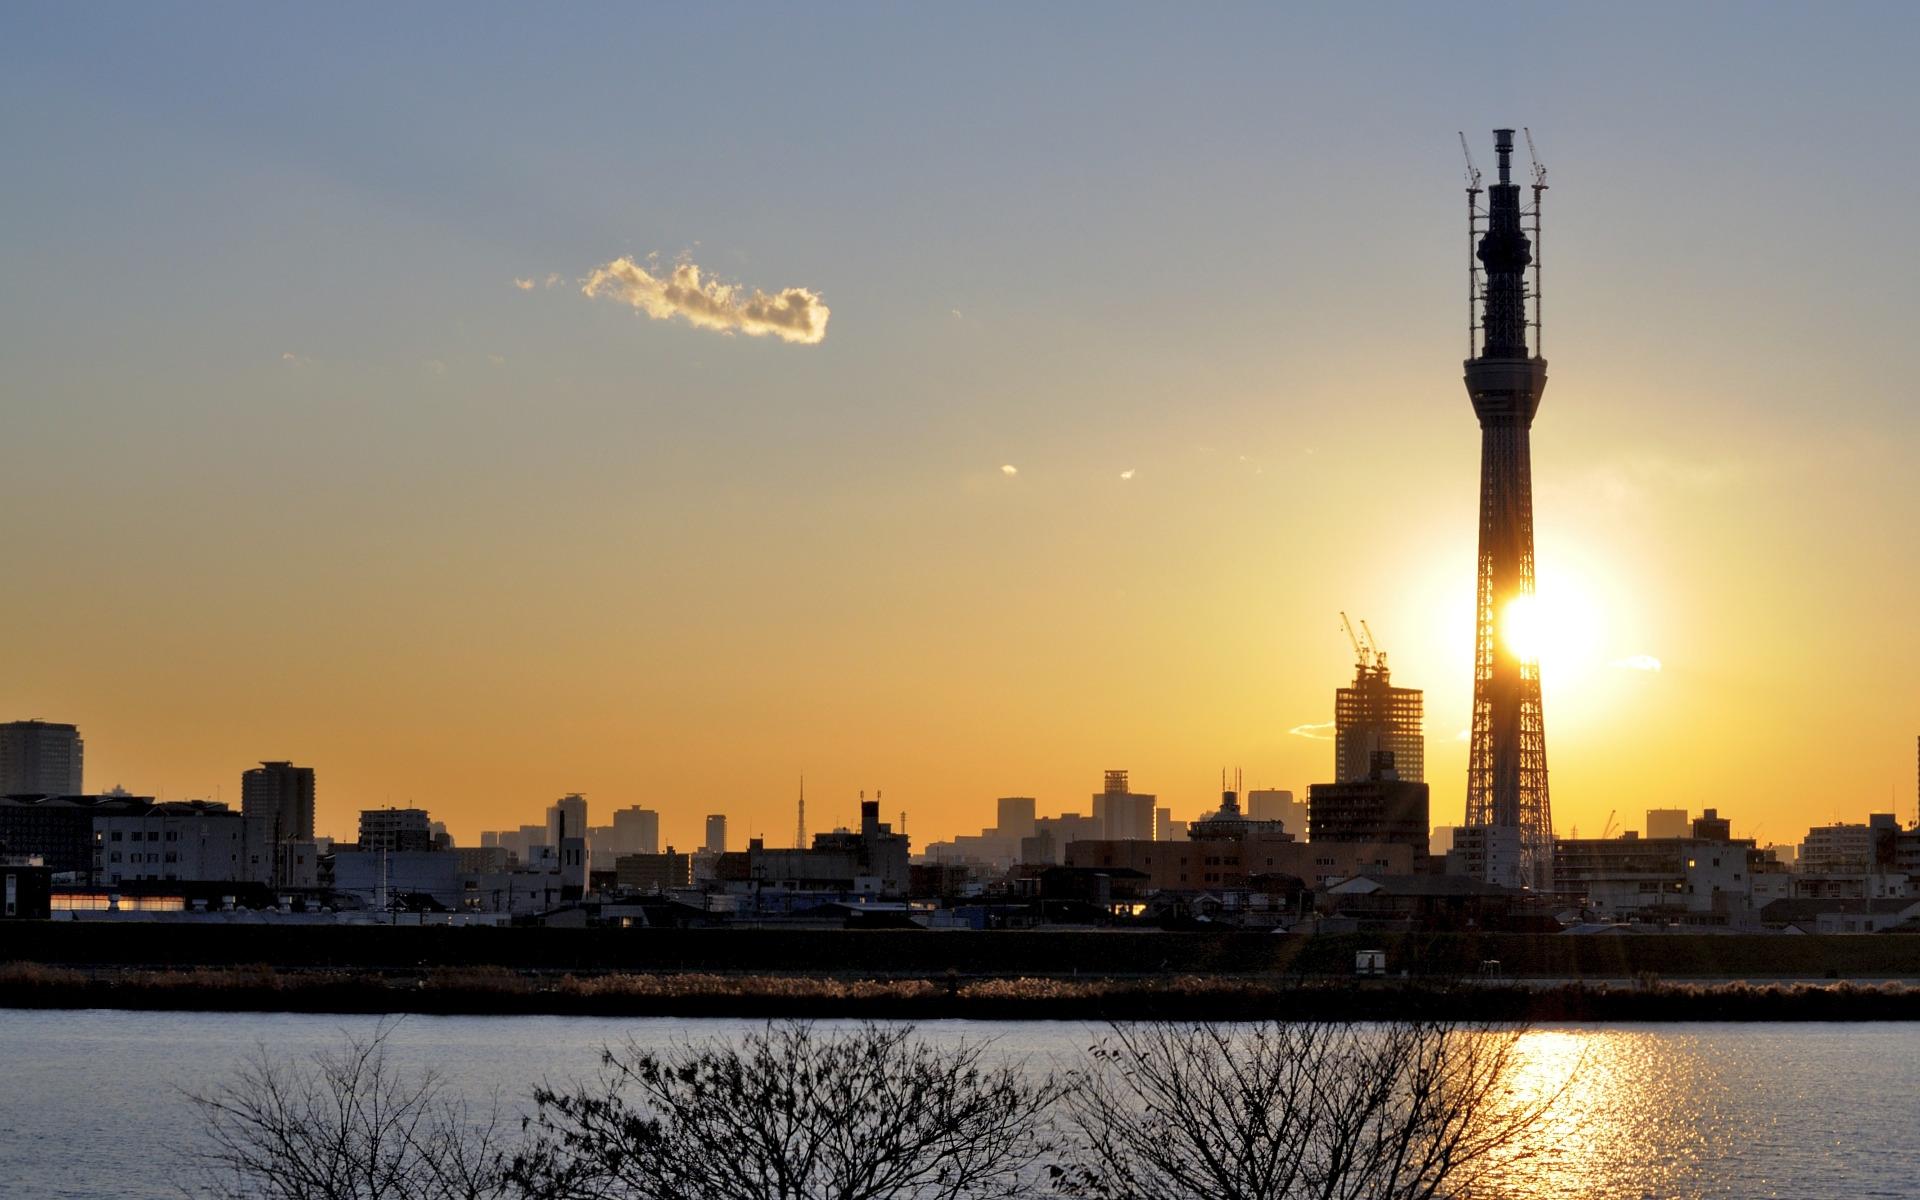 好き勝手に 壁紙 夕日と 東京スカイツリー 19x10